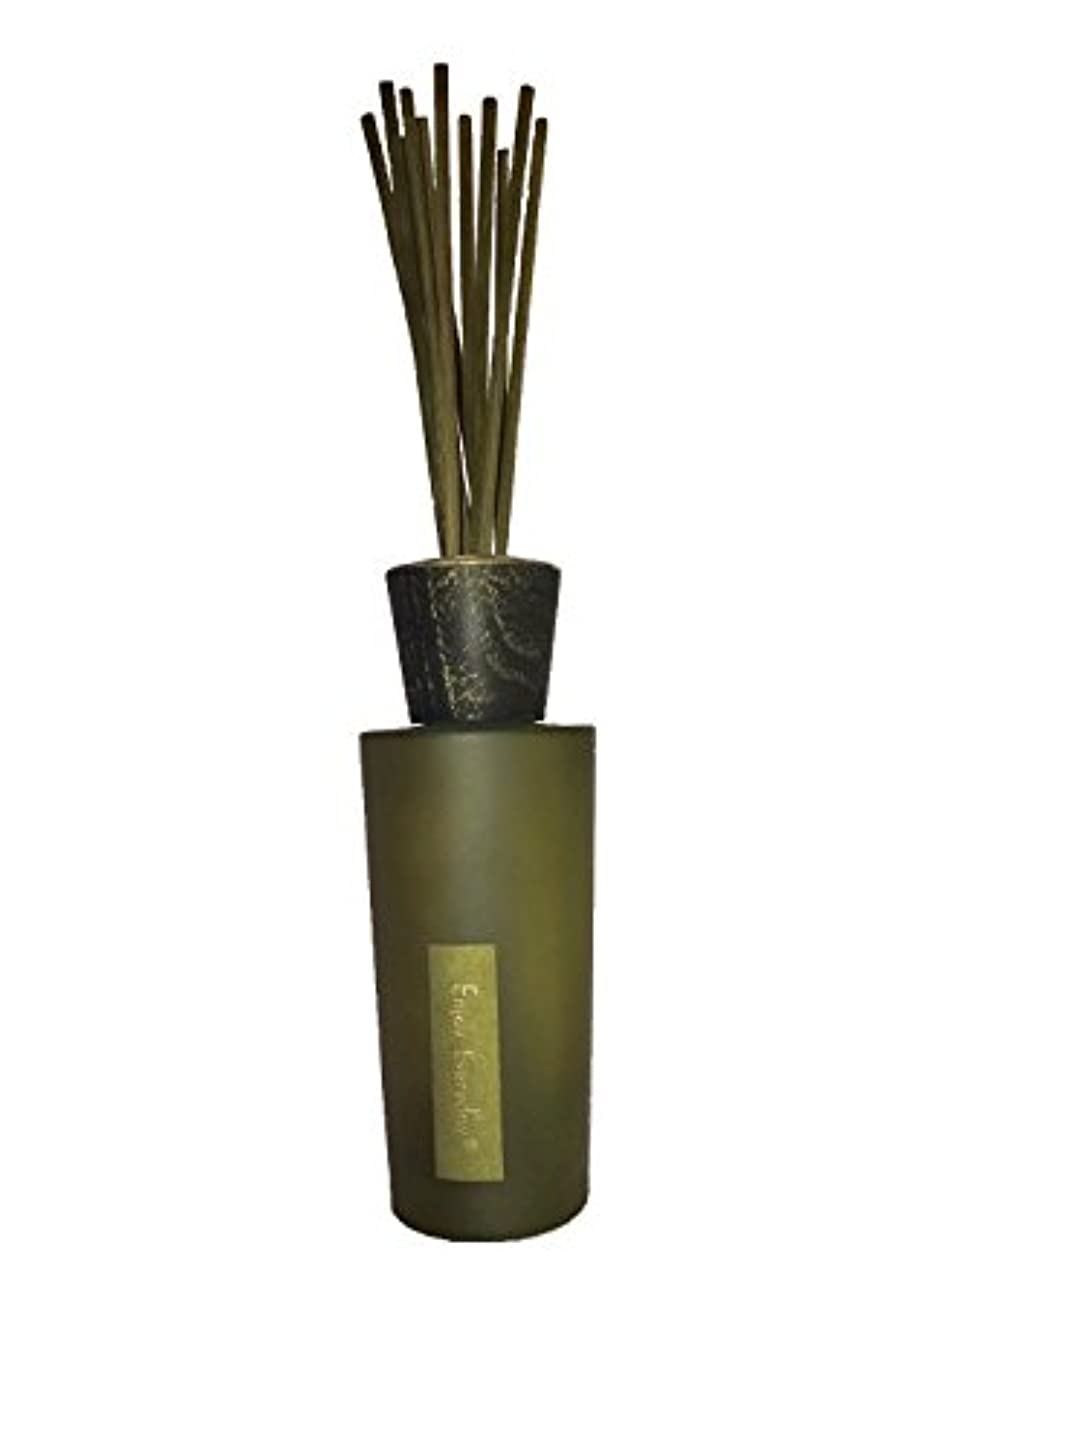 成果墓地追い越す40%OFF!【Branch of Aroma】100%天然アロマスティックディフューザー-9種の香り- (200ml) (ラグジュアリーRose)